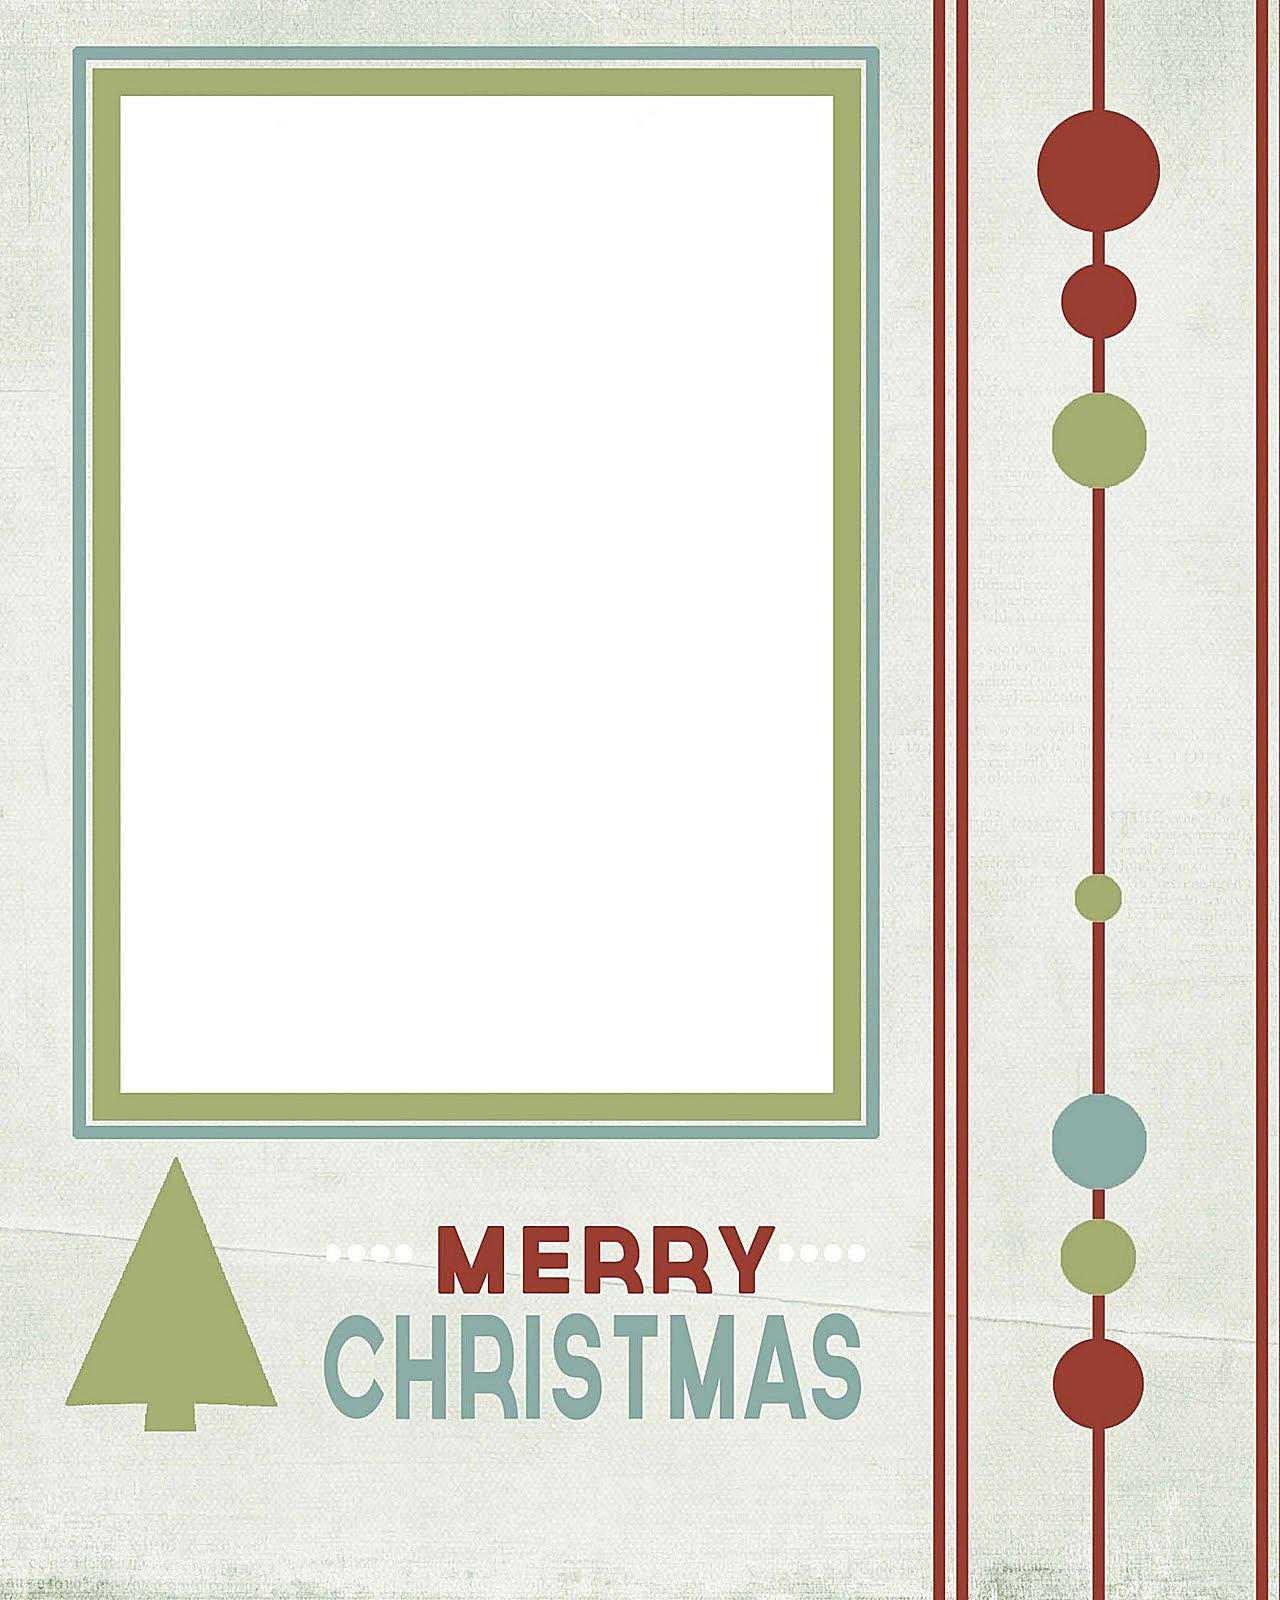 Christmas Photocard Template - Kaza.psstech.co - Free Online Printable Christmas Cards